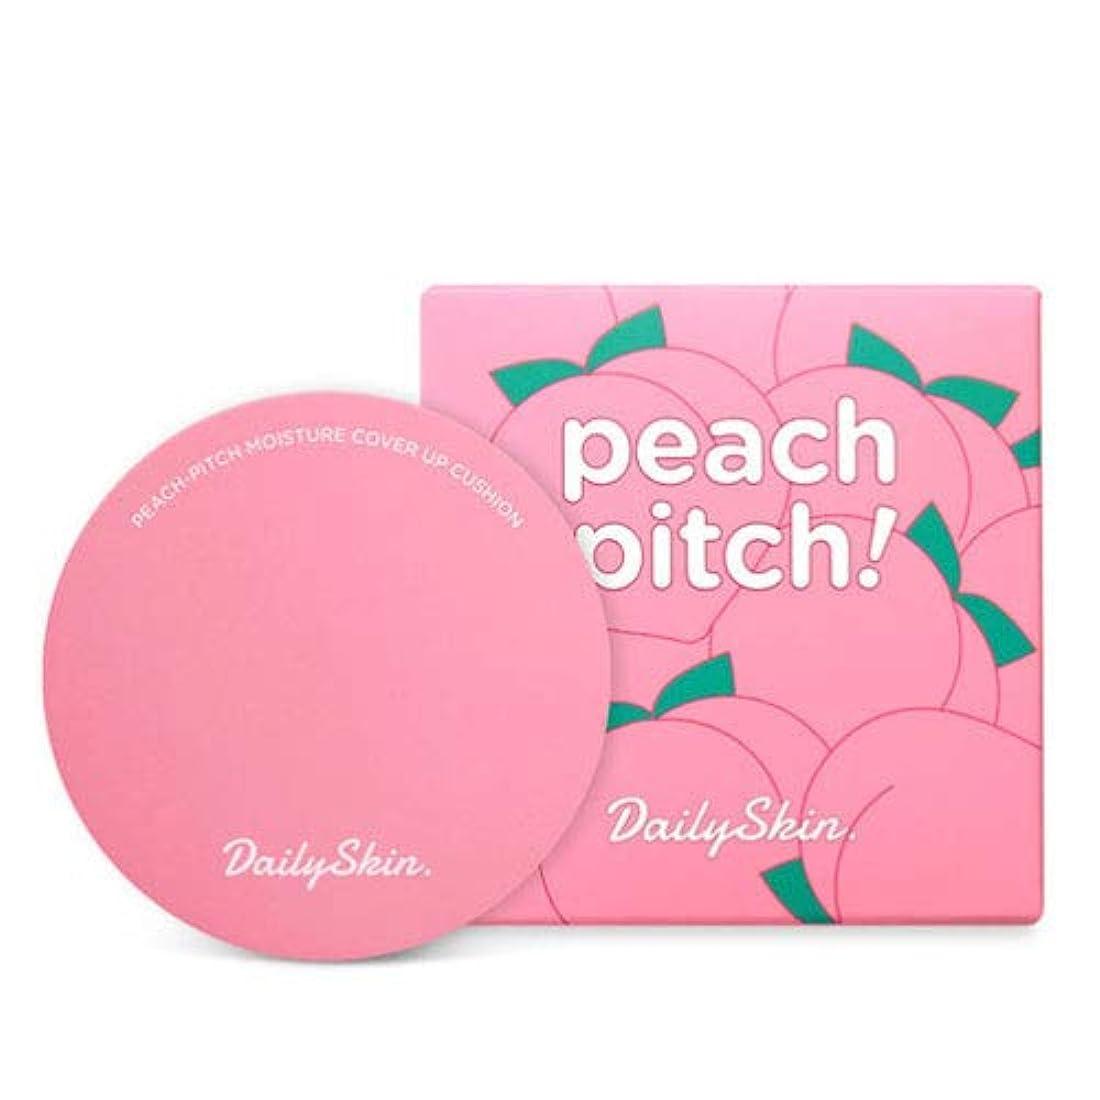 取り戻す世代平らな[RENEWAL] デイリースキン ピーチ モイスチャー カバー アップ クッション Daily Skin Peach-Pitch Moisture Cover Up Cushion (No.23 Peach Natural...